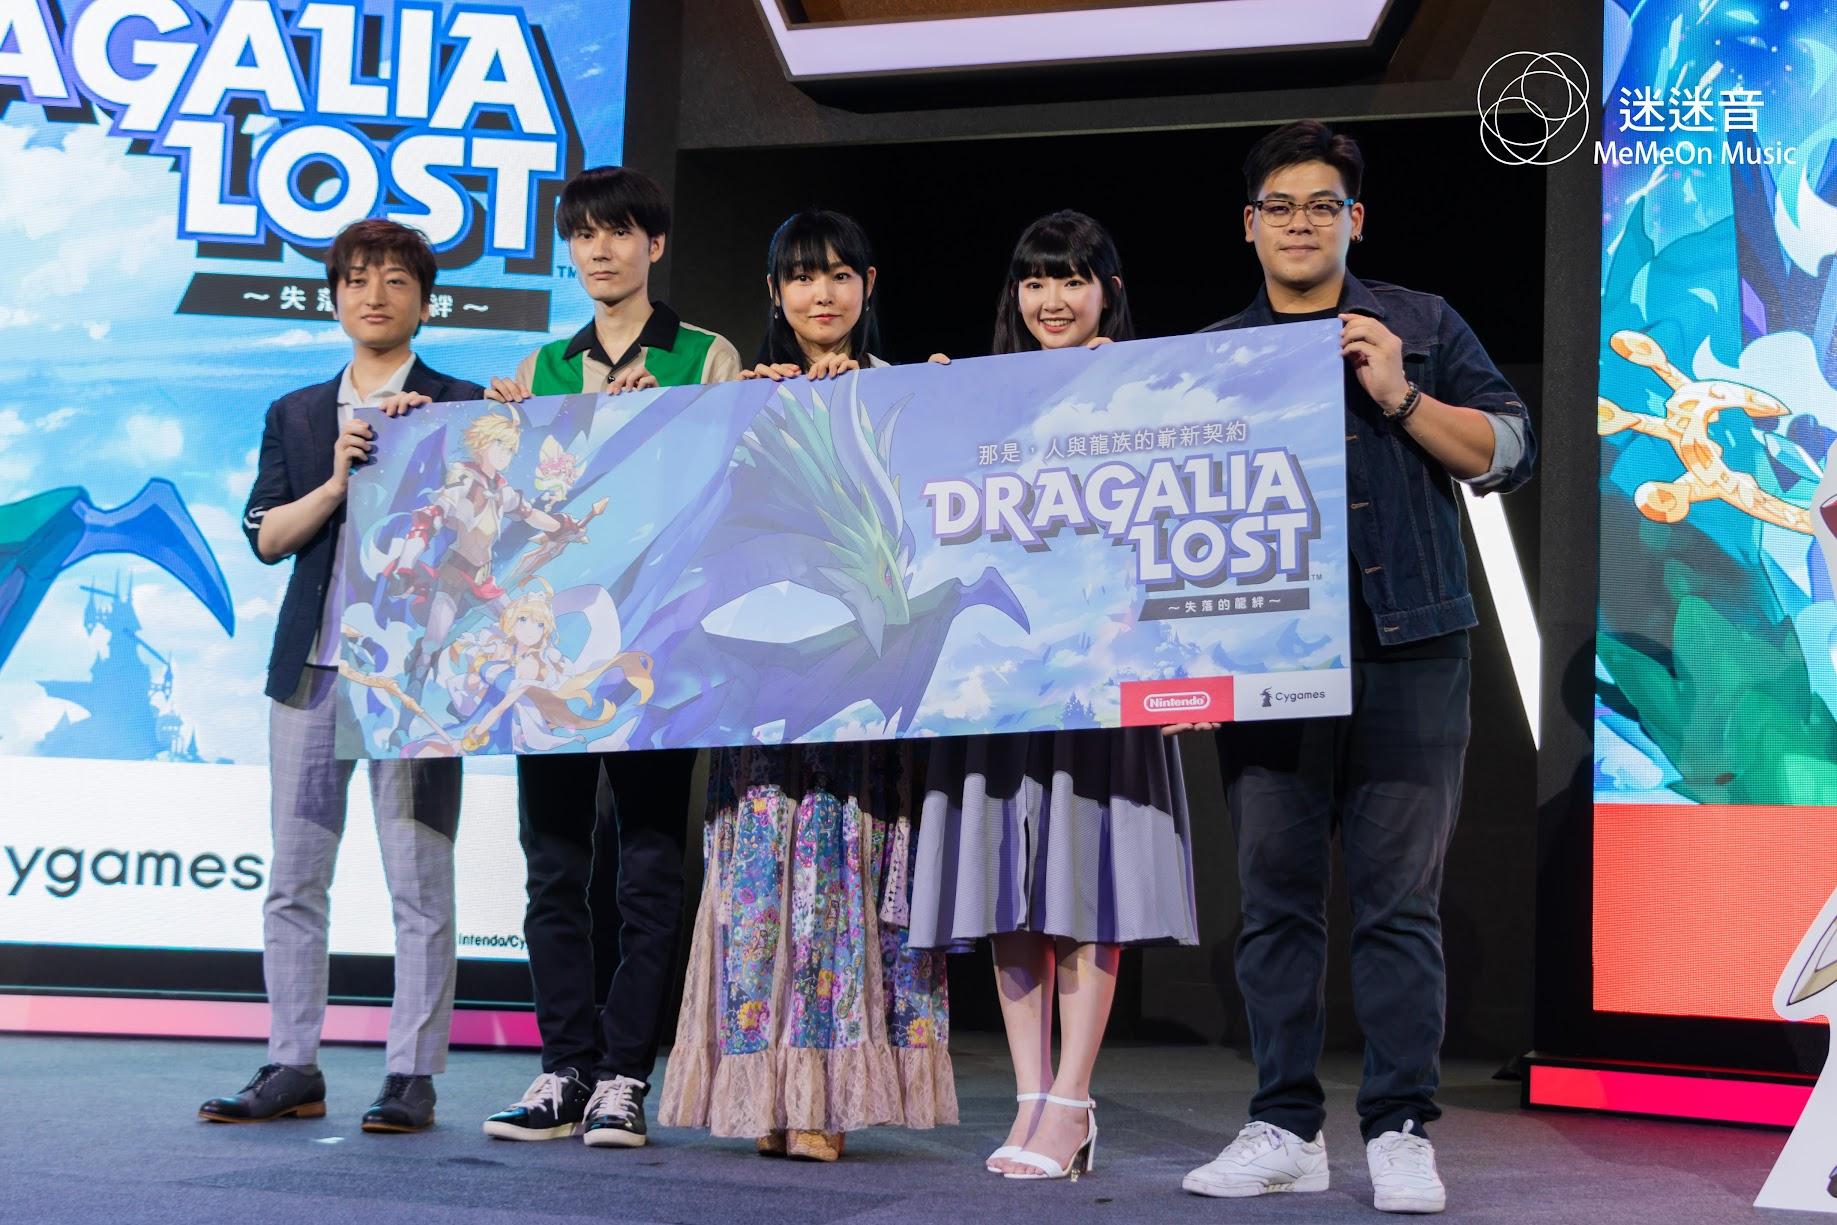 [迷迷現場]  2018漫博 任天堂與 Cygames共同開發全新RPG手遊《Dragalia Lost ~失落的龍絆~》 邀請內山昂輝、ゆかな站台宣傳